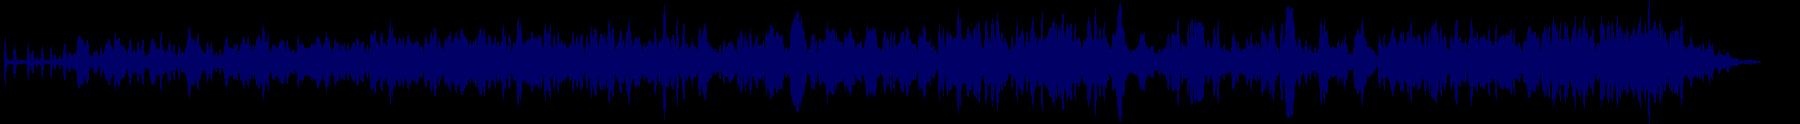 waveform of track #70631